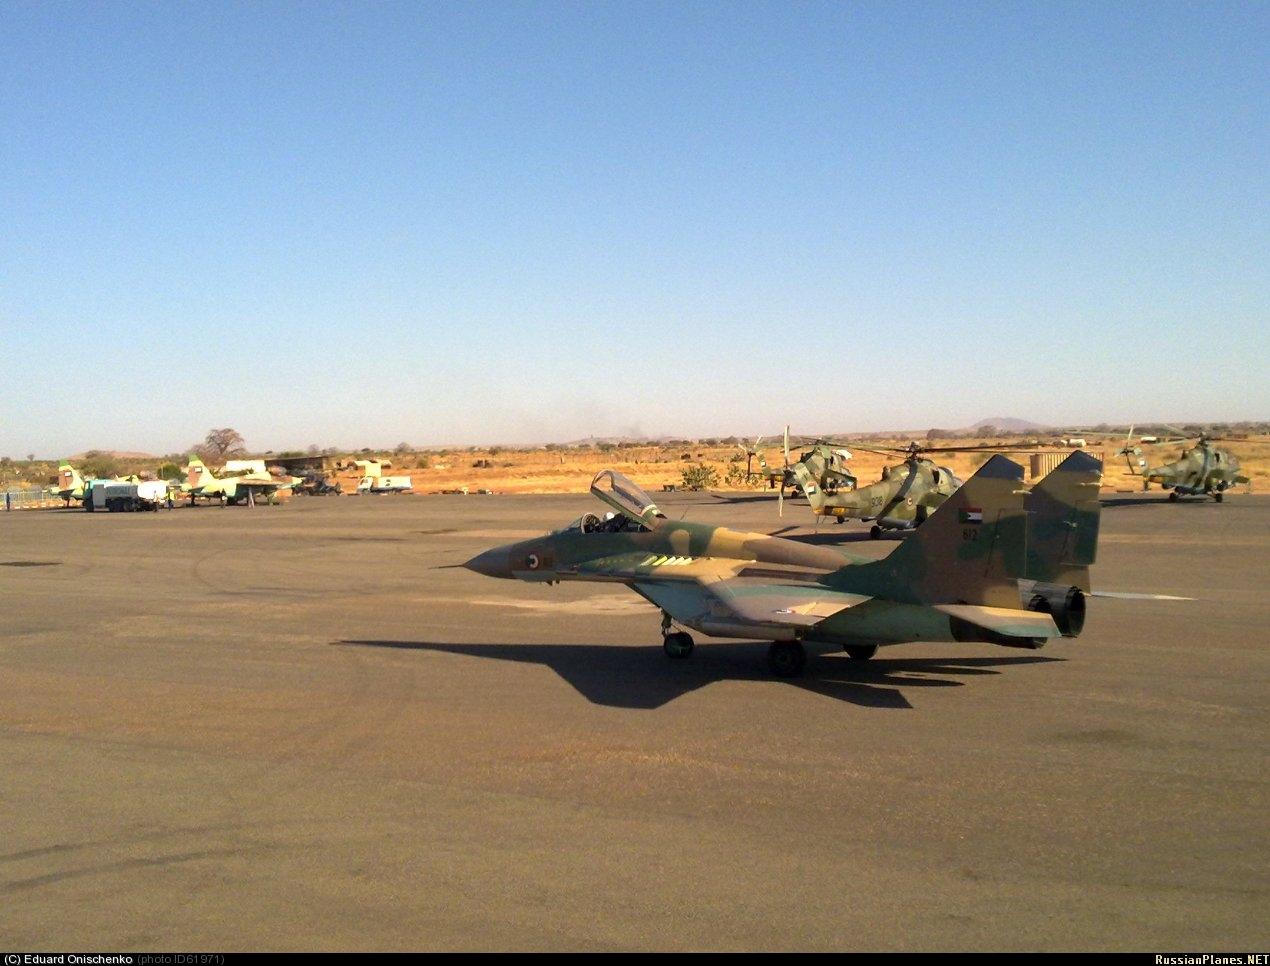 Armée Soudanaise / Sudanese Armed Forces ( SAF ) - Page 2 SUDAN%2B28-12-2011